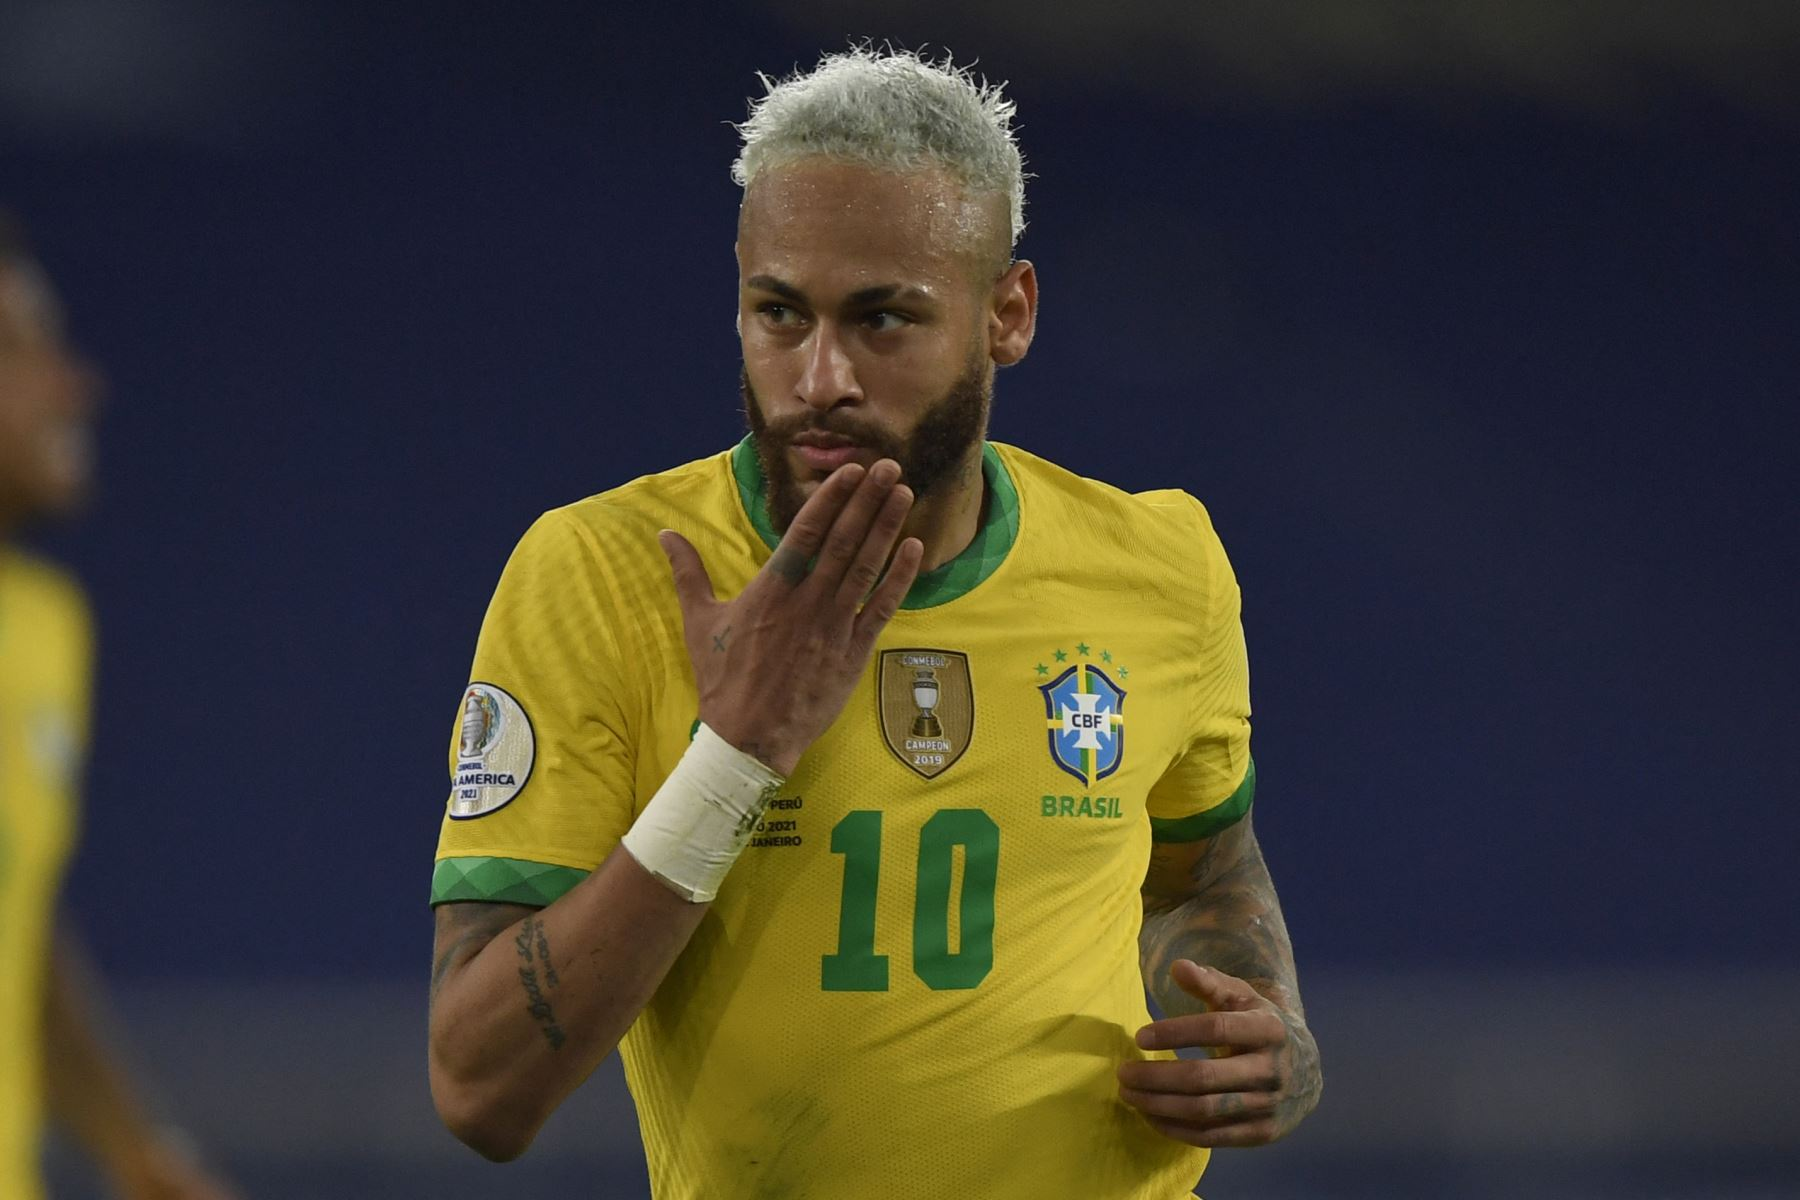 El brasileño Neymar celebra tras anotar contra Perú durante el partido de la fase de grupos del torneo de fútbol Conmebol Copa América 2021 en el estadio Nilton Santos de Río de Janeiro, Brasil. Foto: AFP